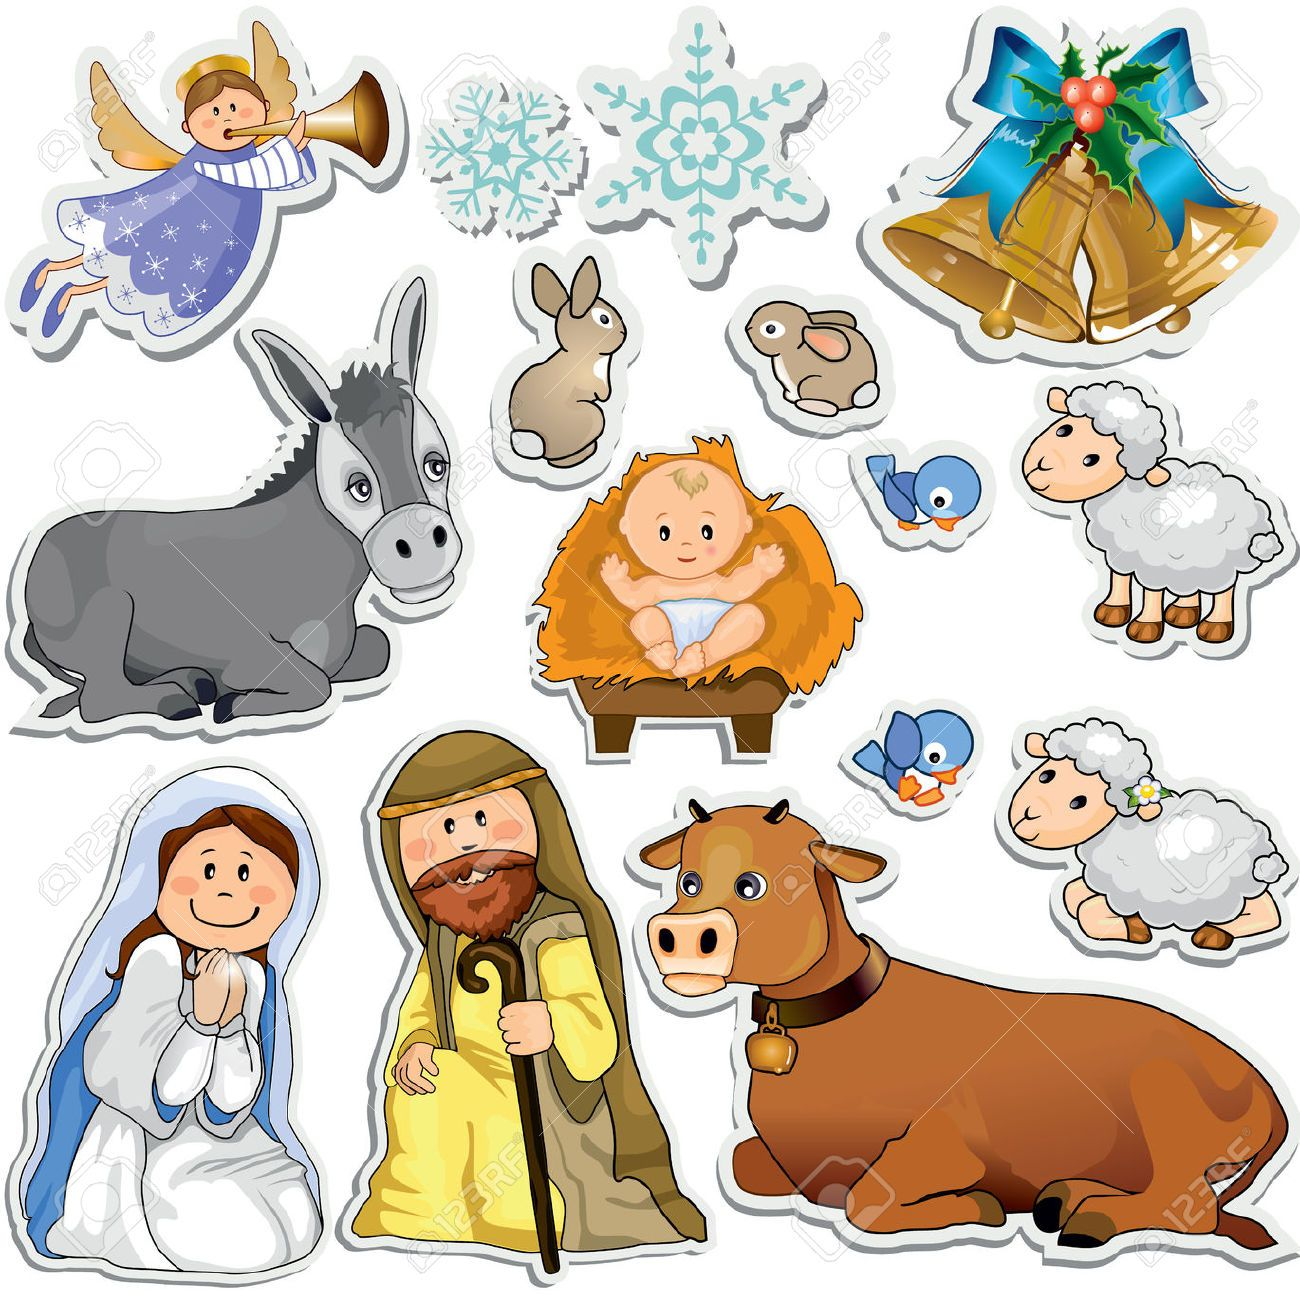 medium resolution of jogo do natal adesivos que representam os personagens da sagrada fam lia gradient m scara eps10 royalty free cliparts vetores e ilustra es stock